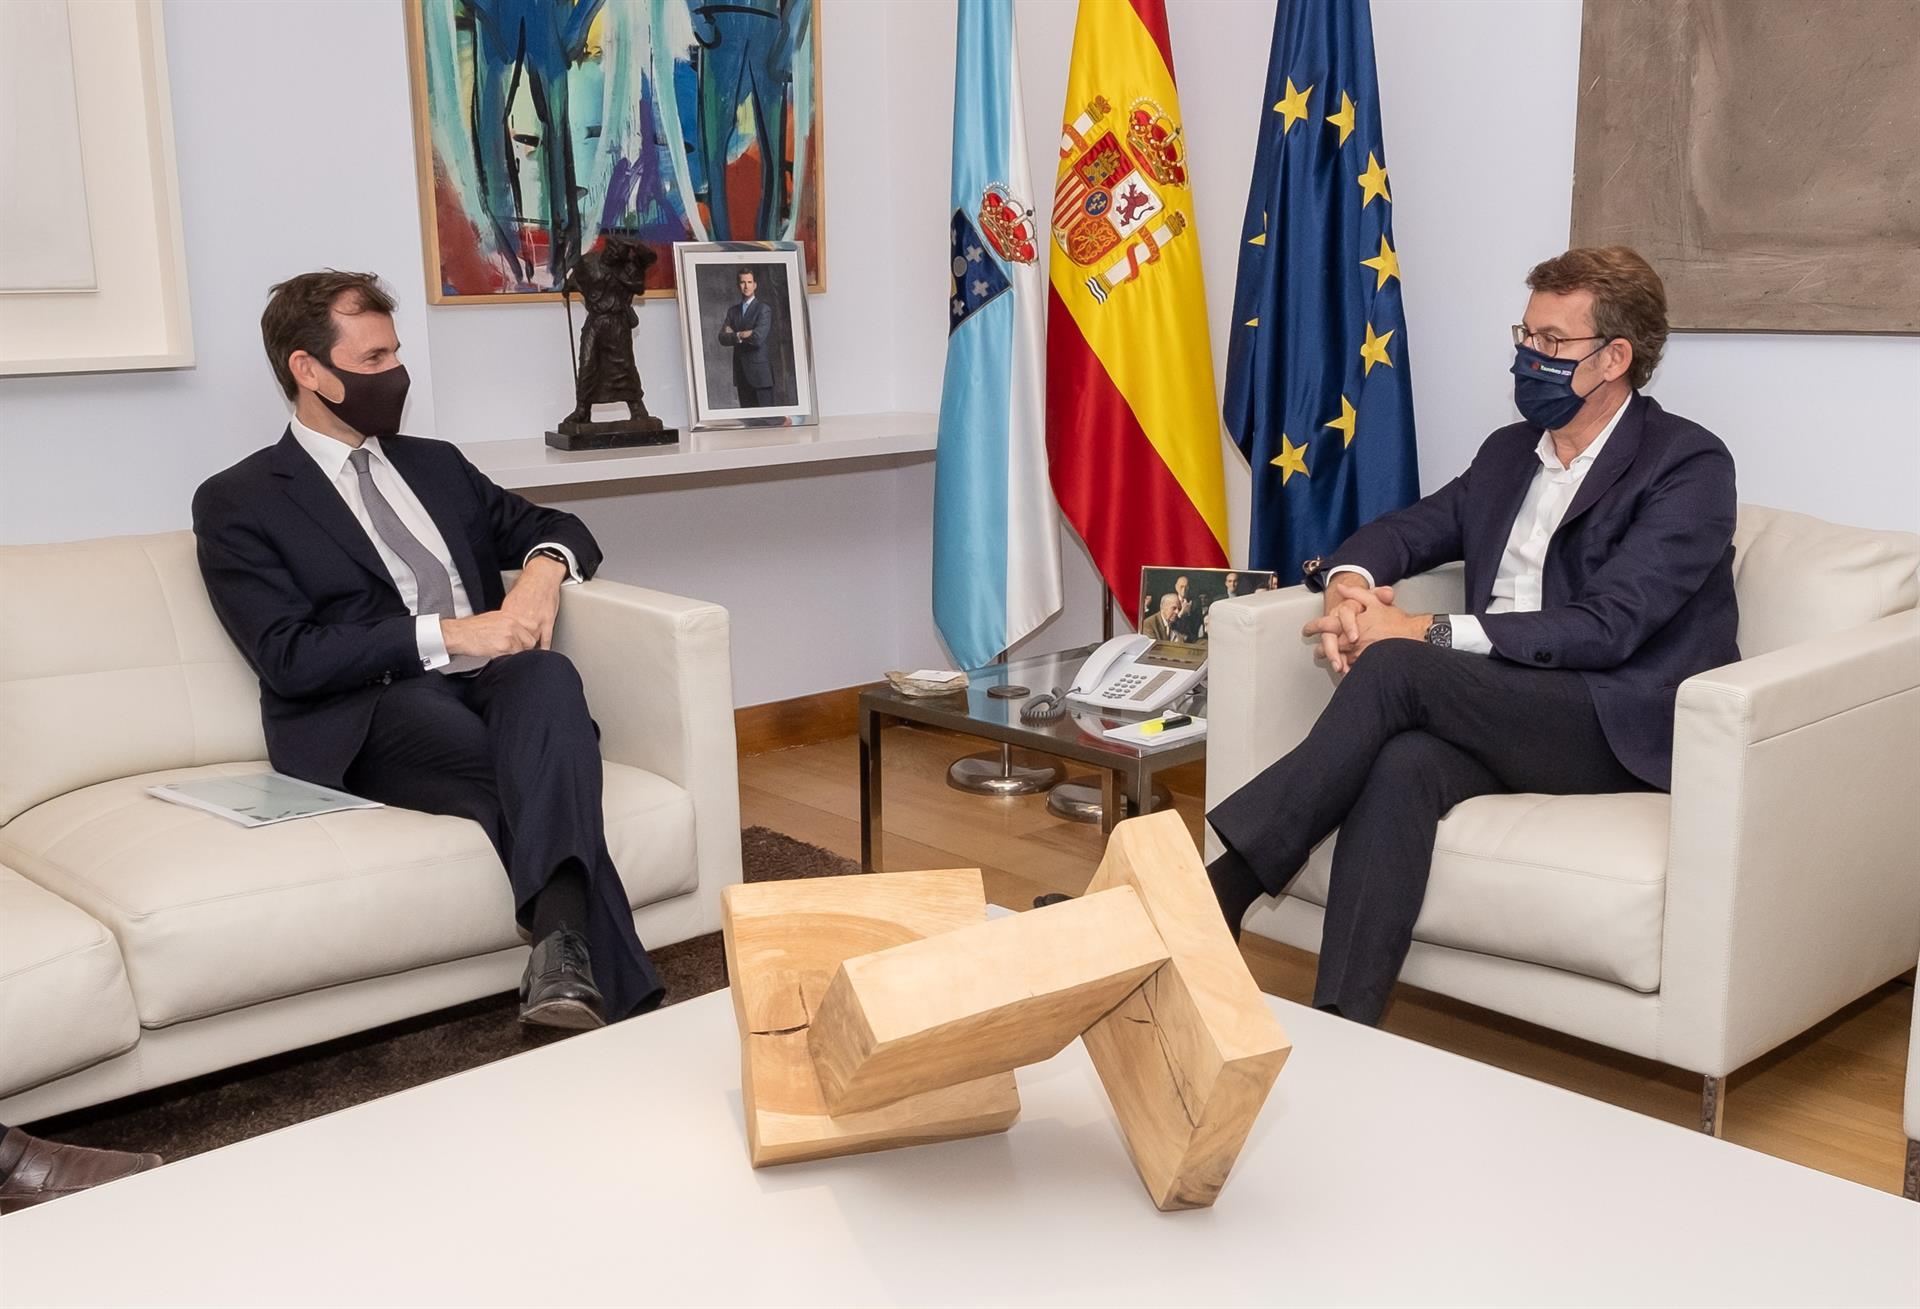 El presidente de la Xunta se reúne con representantes de EDP en San Caetano. Xunta de Galicia